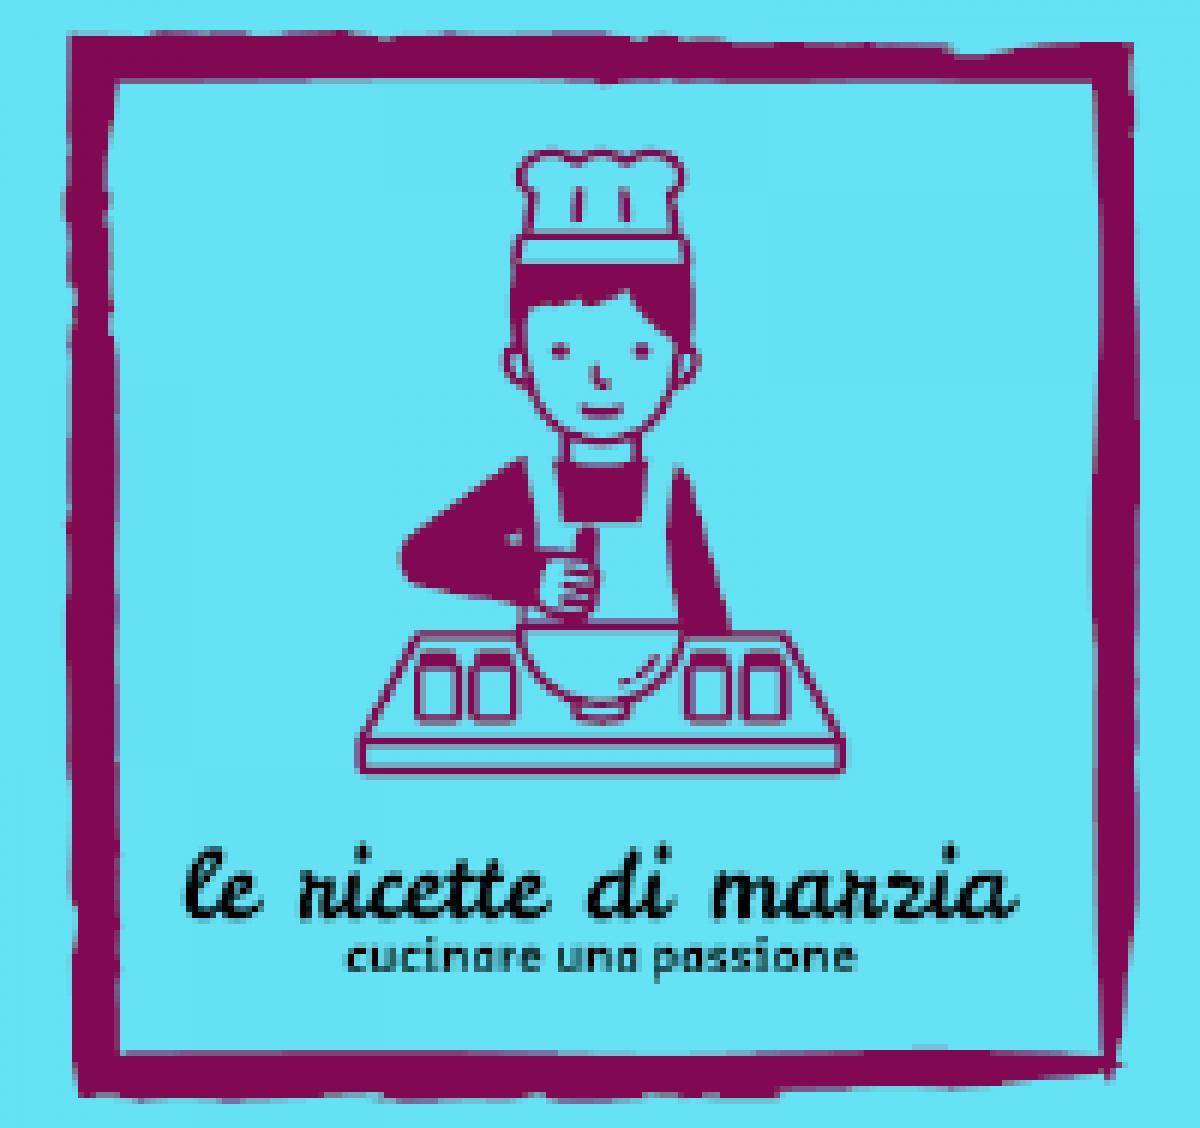 ricette di marzia(marz61)